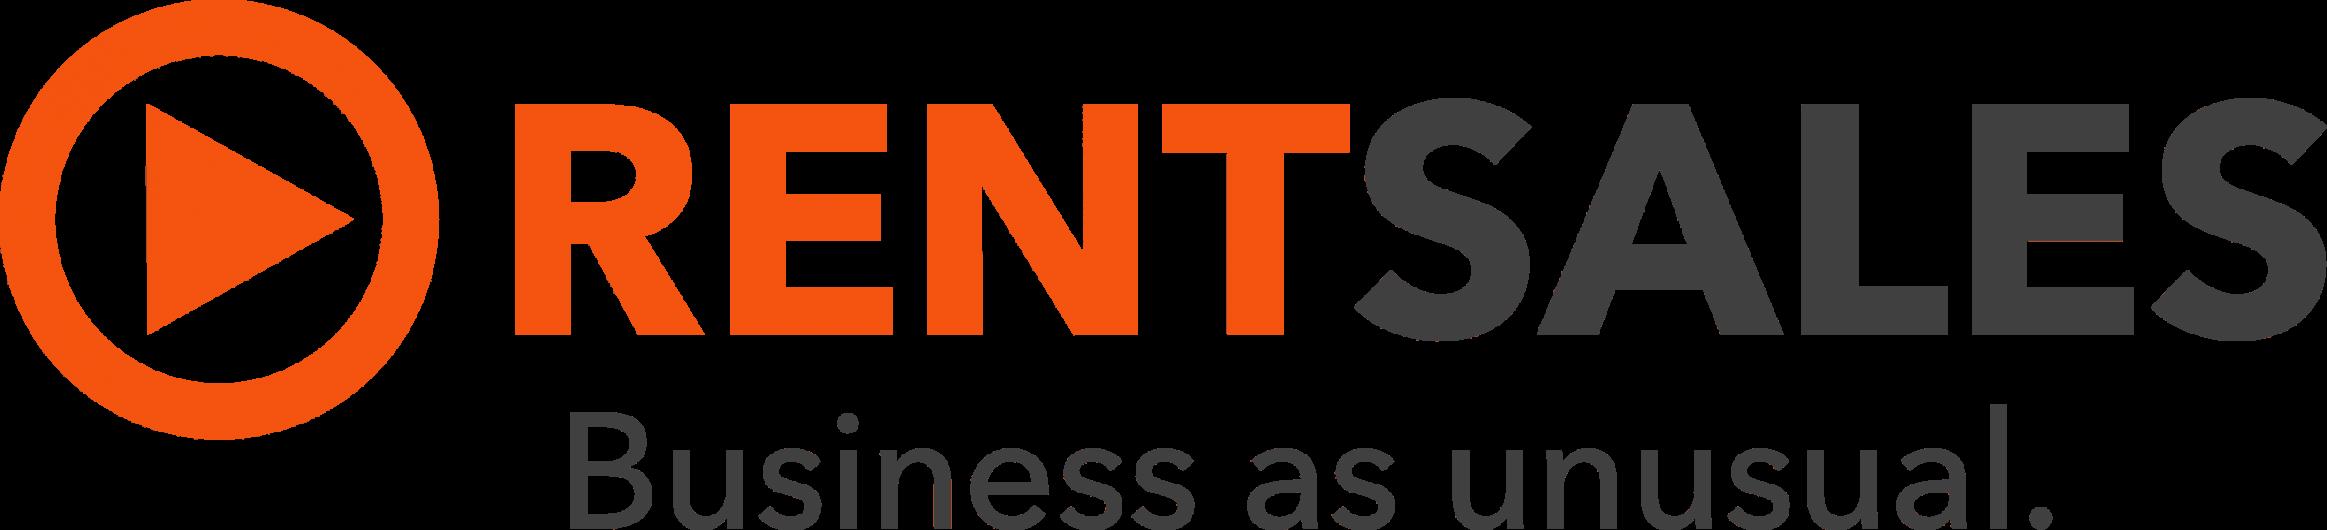 rentsales-logo